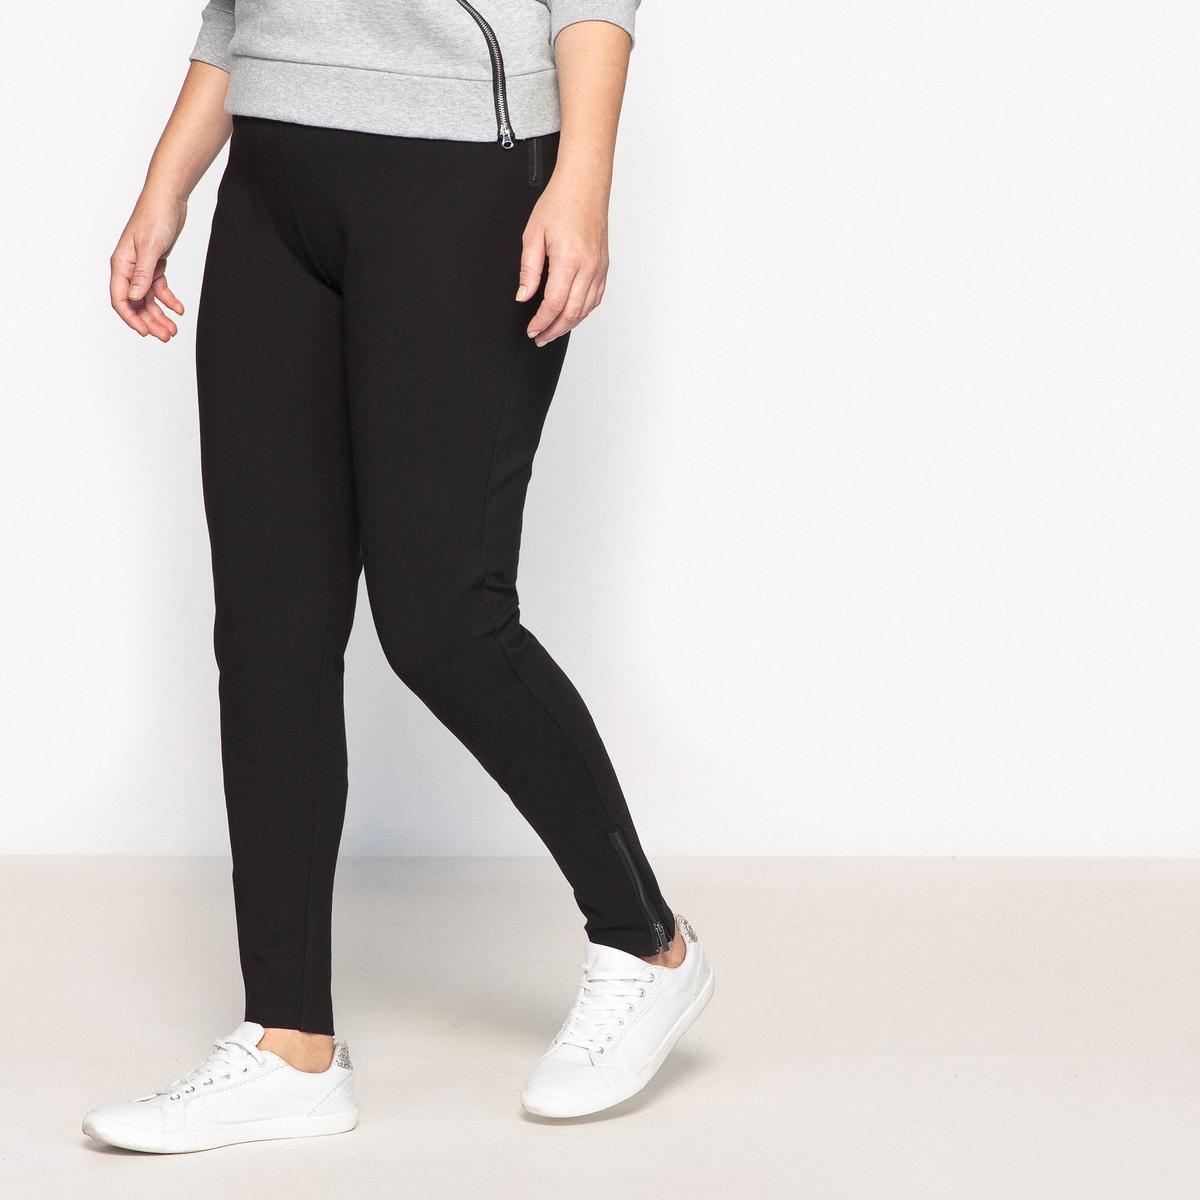 Брюки-слим трикотажные с молниями снизуОписание:Трикотажные брюки-слим - неотъемлемый предмет базового гардероба. Зауженный покрой визуально делает силуэт выше. Очень комфортные брюки-слим незаменимы в вашем гардеробе.Детали •  Узкие, дудочки •  Высокий пояс •  Эластичный поясСостав и уход •  72% вискозы, 5% эластана, 23% полиамида •  Температура стирки 30° на деликатном режиме  •  Сухая чистка и отбеливание запрещены •  Не использовать барабанную сушку •  Низкая температура глажкиТовар из коллекции больших размеров •  Длина по внутр.шву 71 см<br><br>Цвет: черный<br>Размер: 54 (FR) - 60 (RUS).48 (FR) - 54 (RUS)